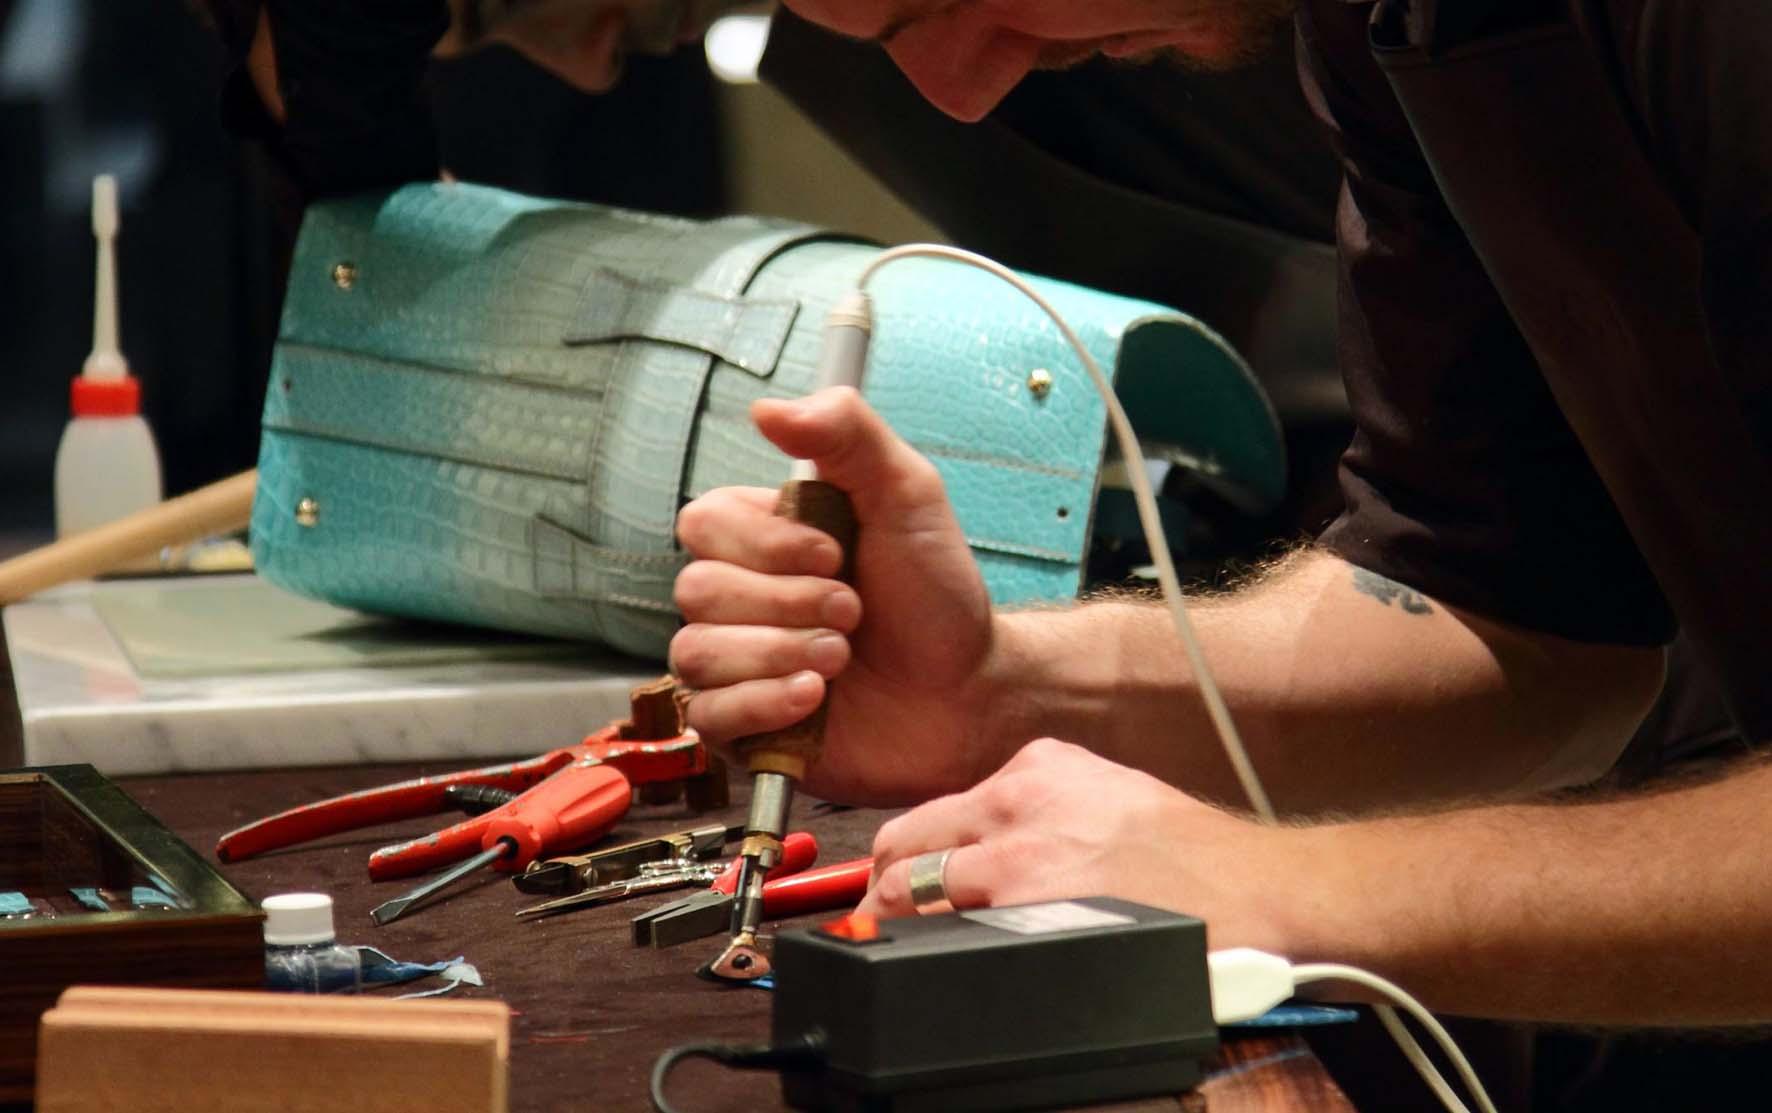 Reload - ricambio generazionale artigiano artigianato 1